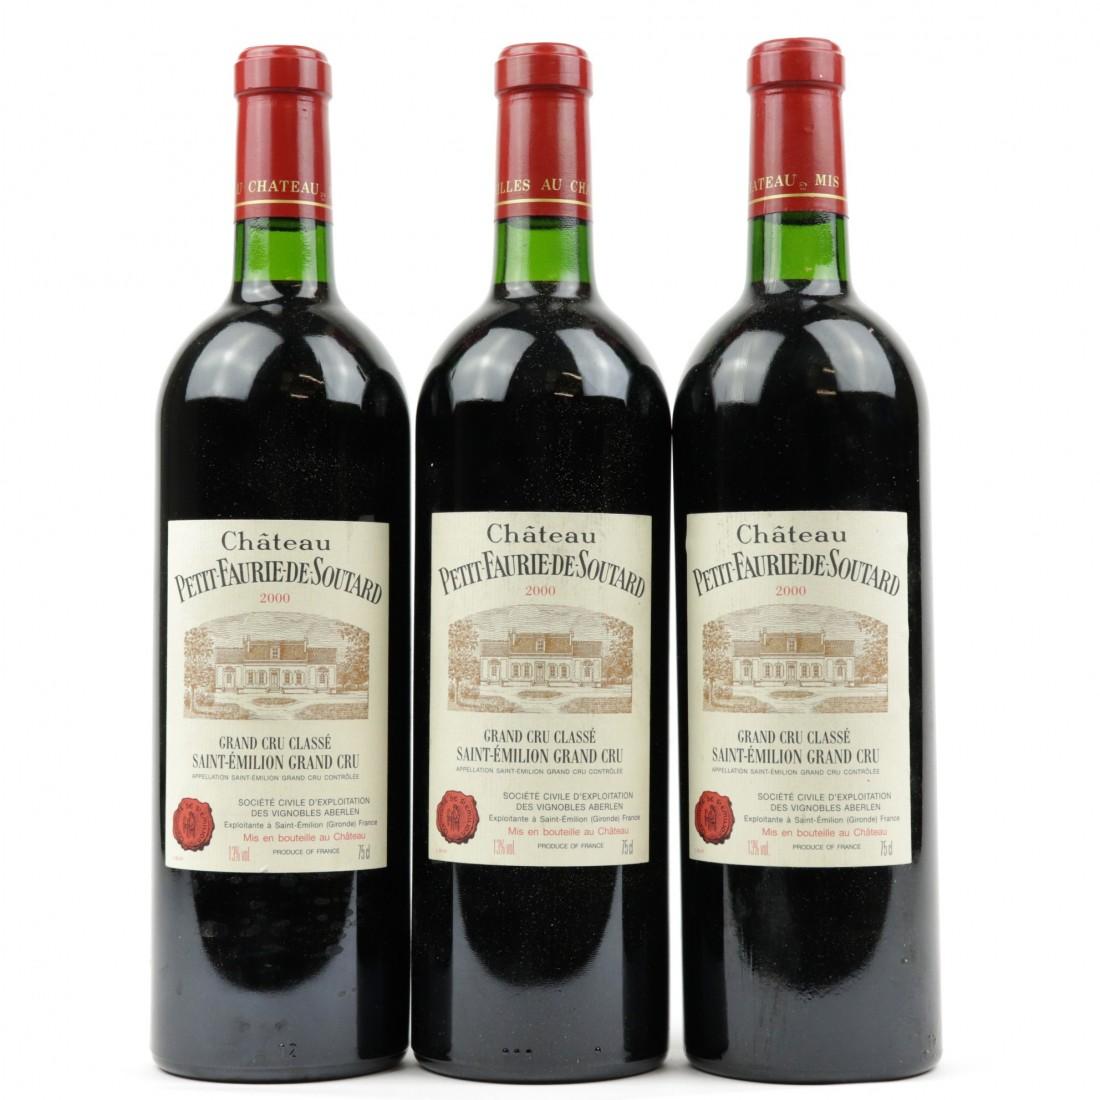 Ch. Petit Faurie de Soutard 2000 St-Emilion Grand Cru 3x75cl